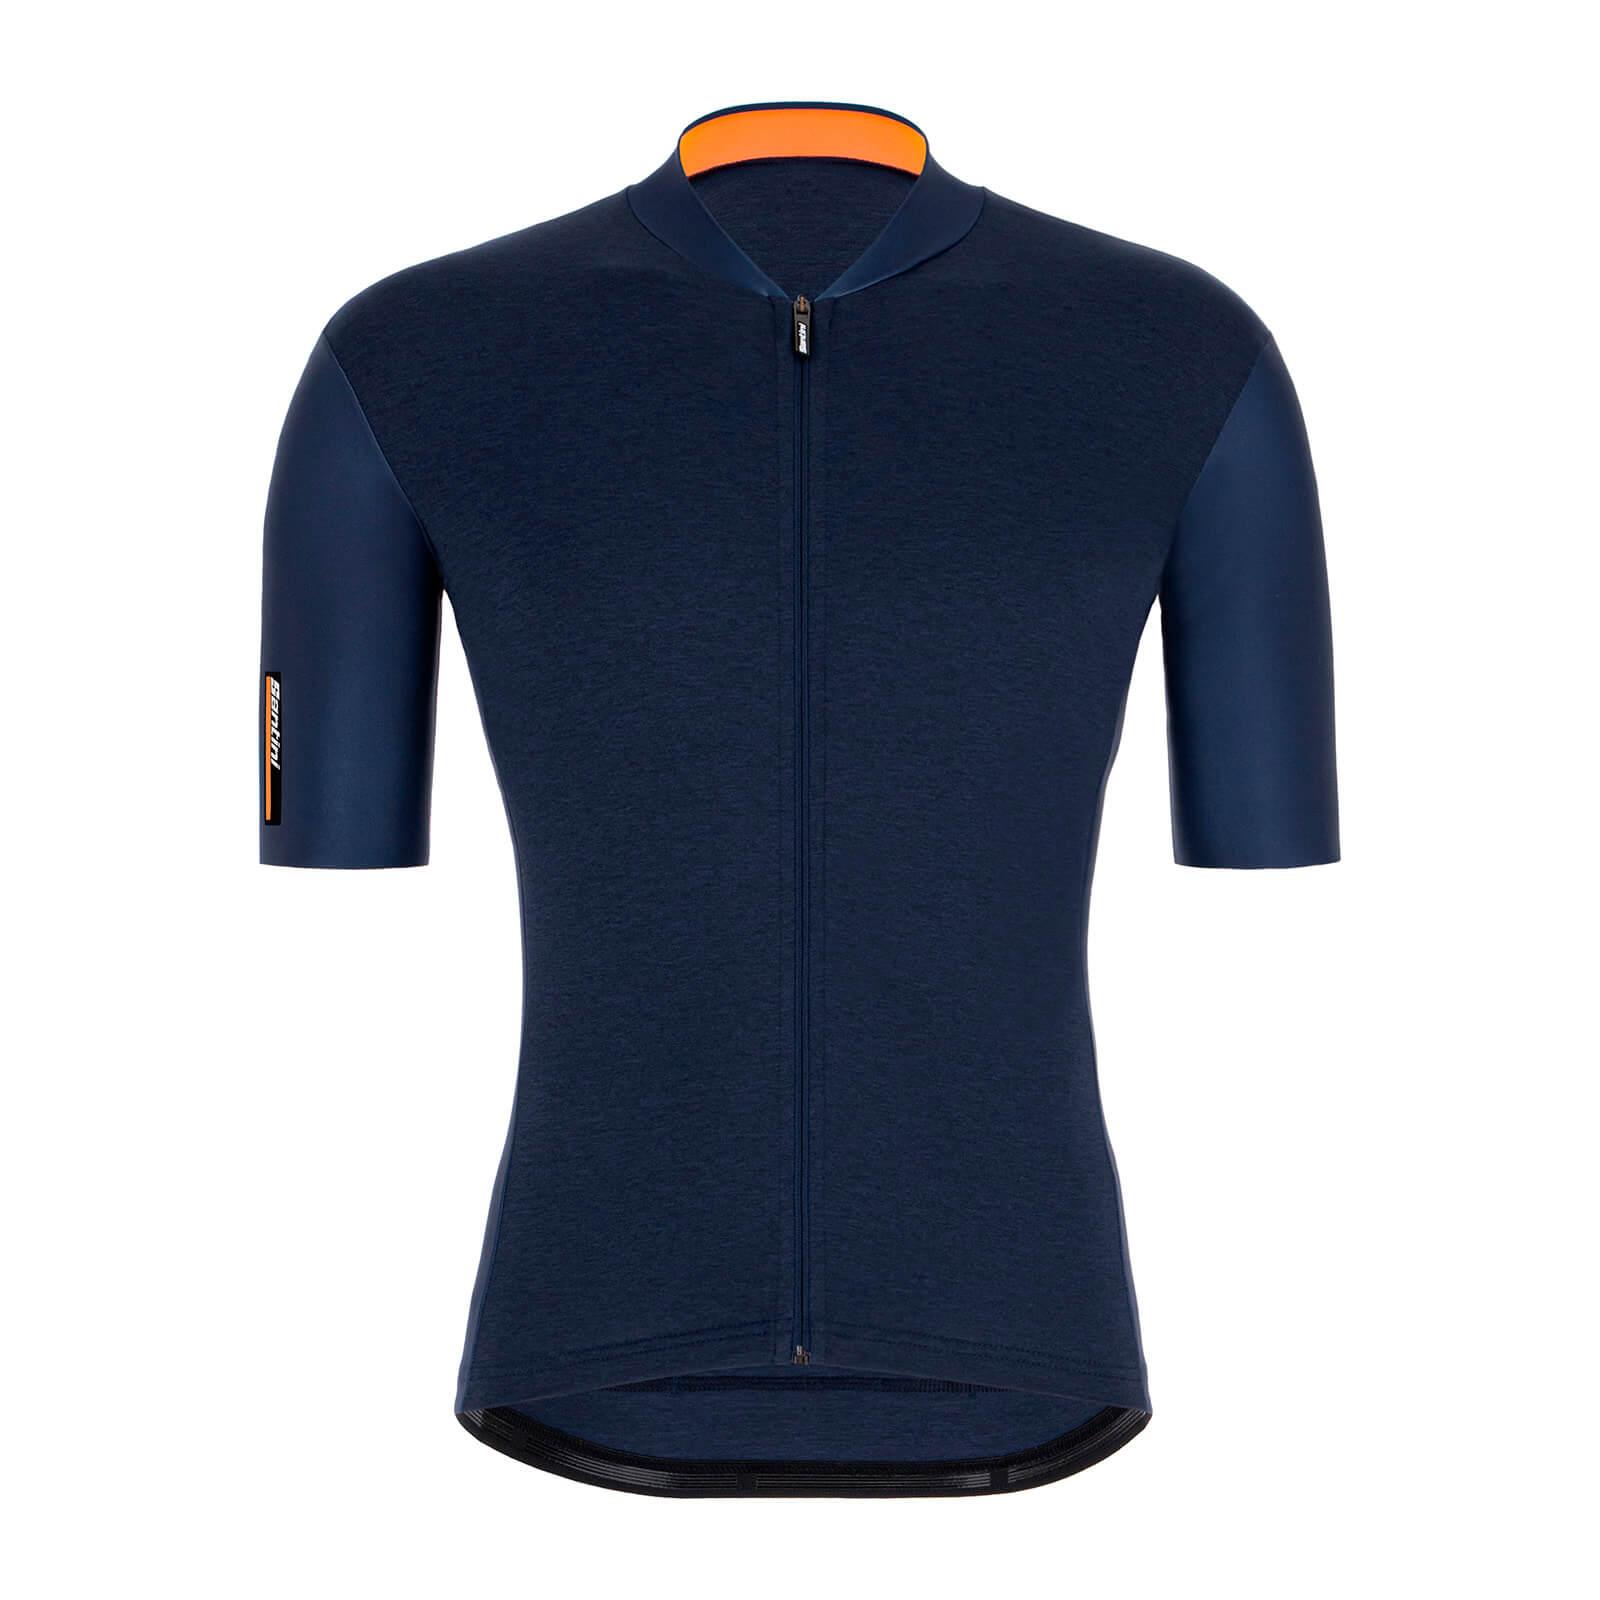 Santini Colore Jersey - L - Nautica Blue